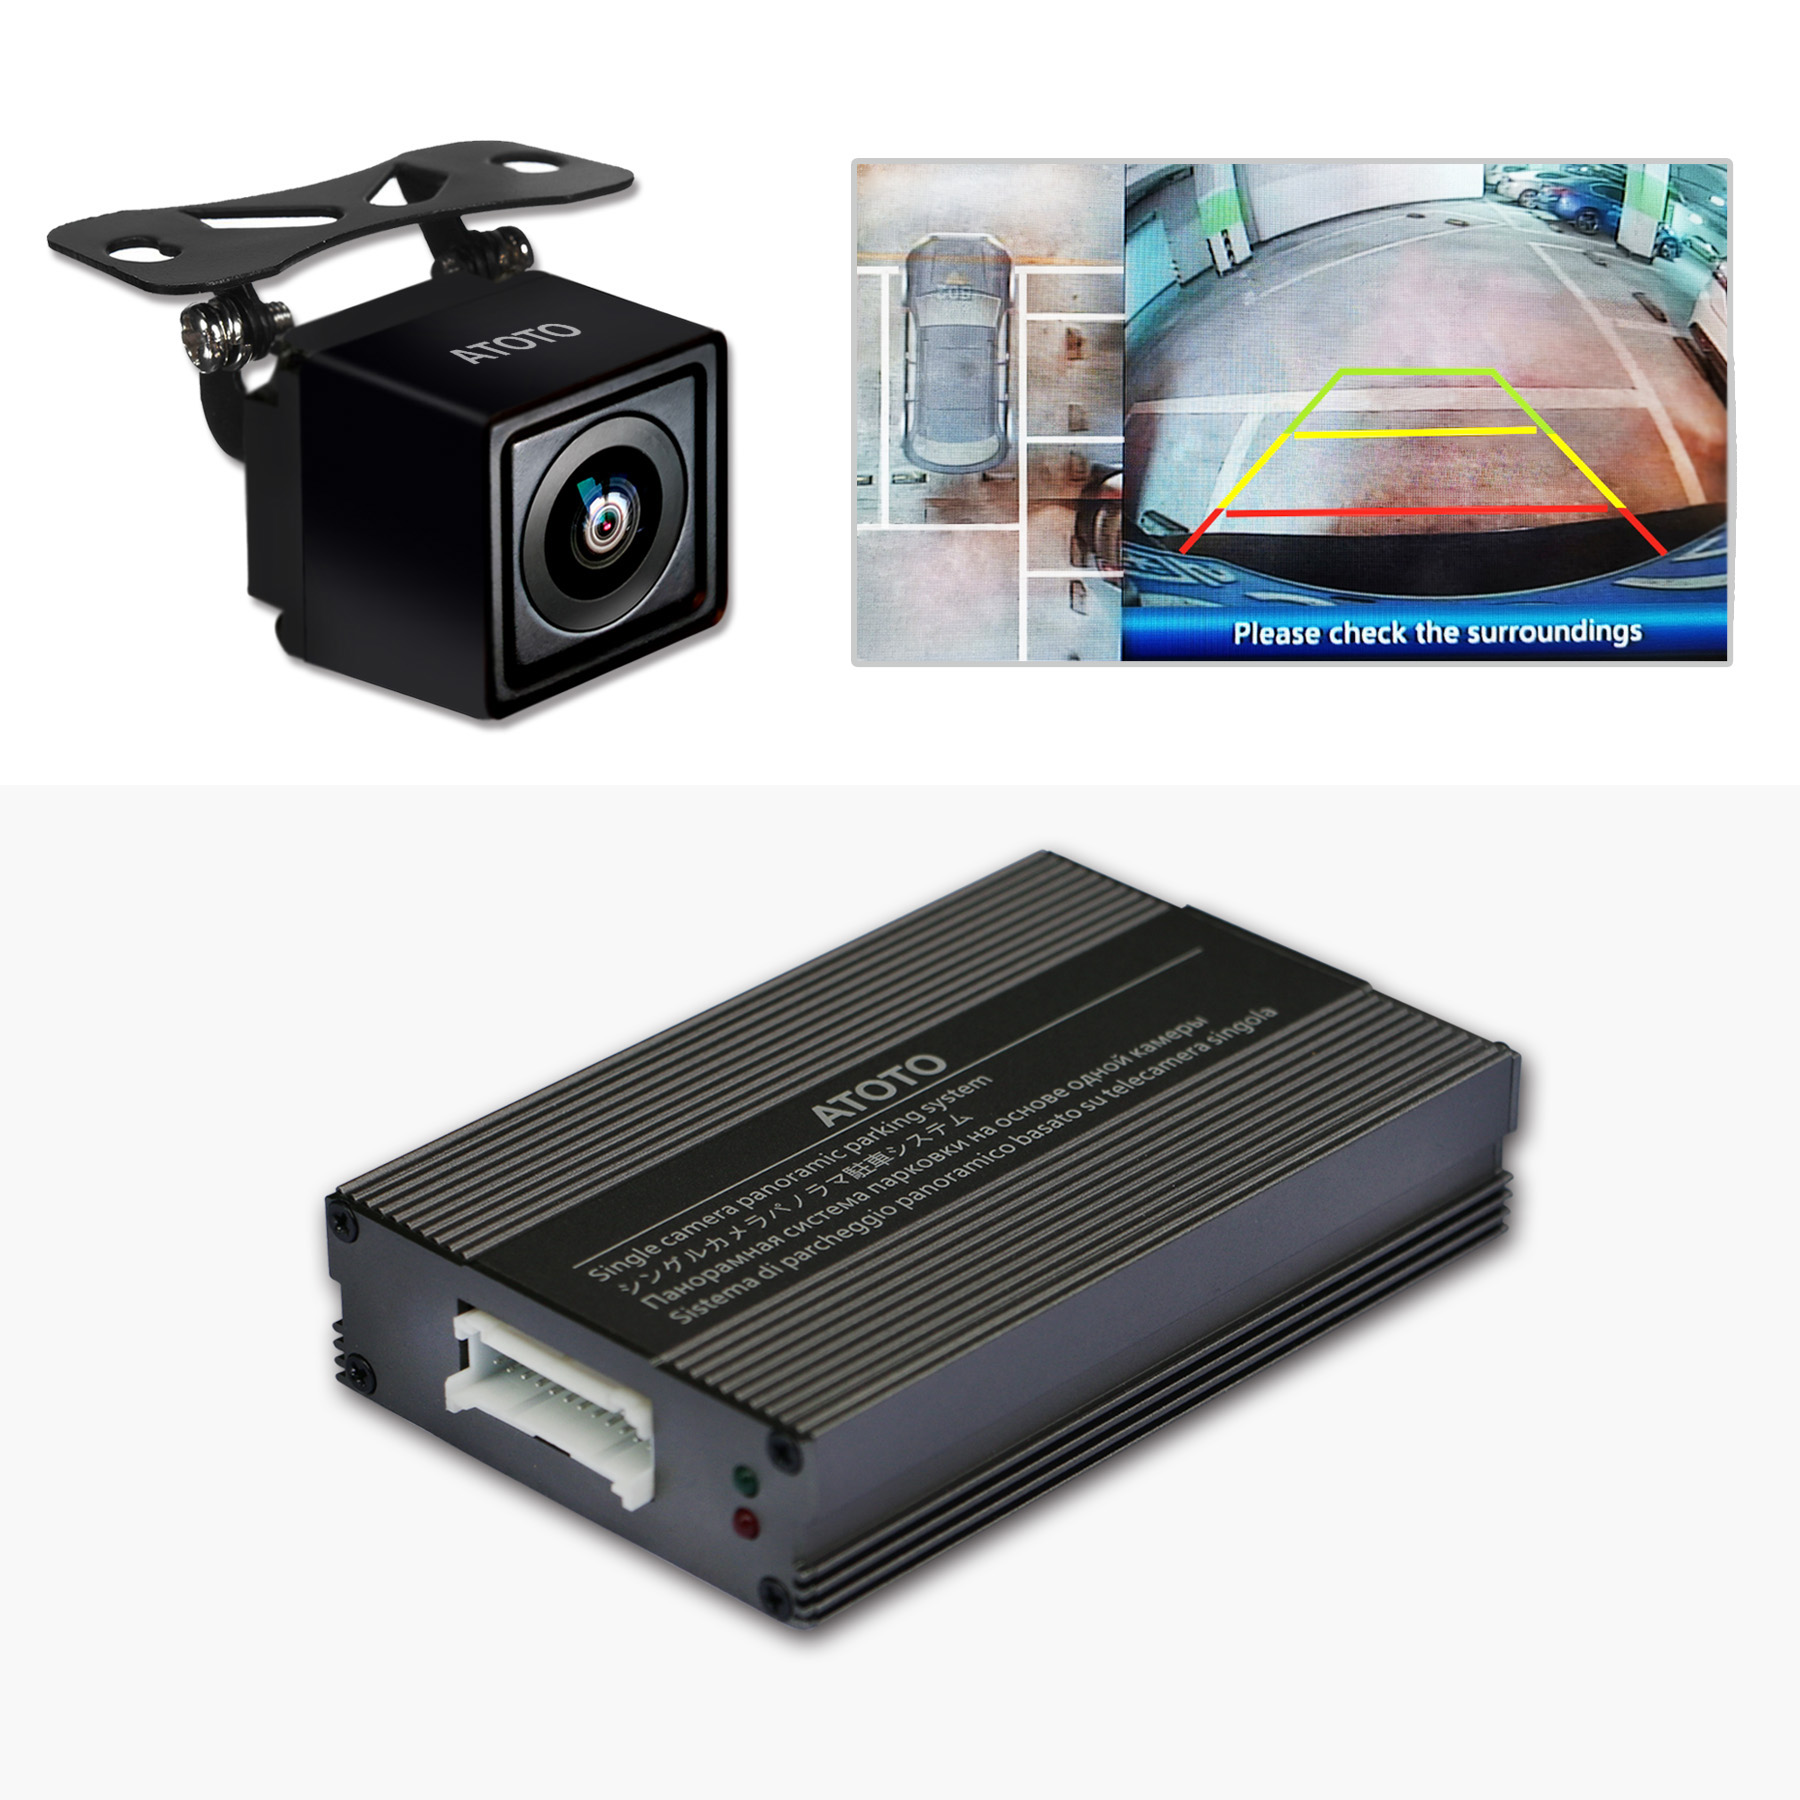 ATOTO-système de stationnement rétroviseur caméra unique |-couture d'image panoramique, vue des yeux des environs